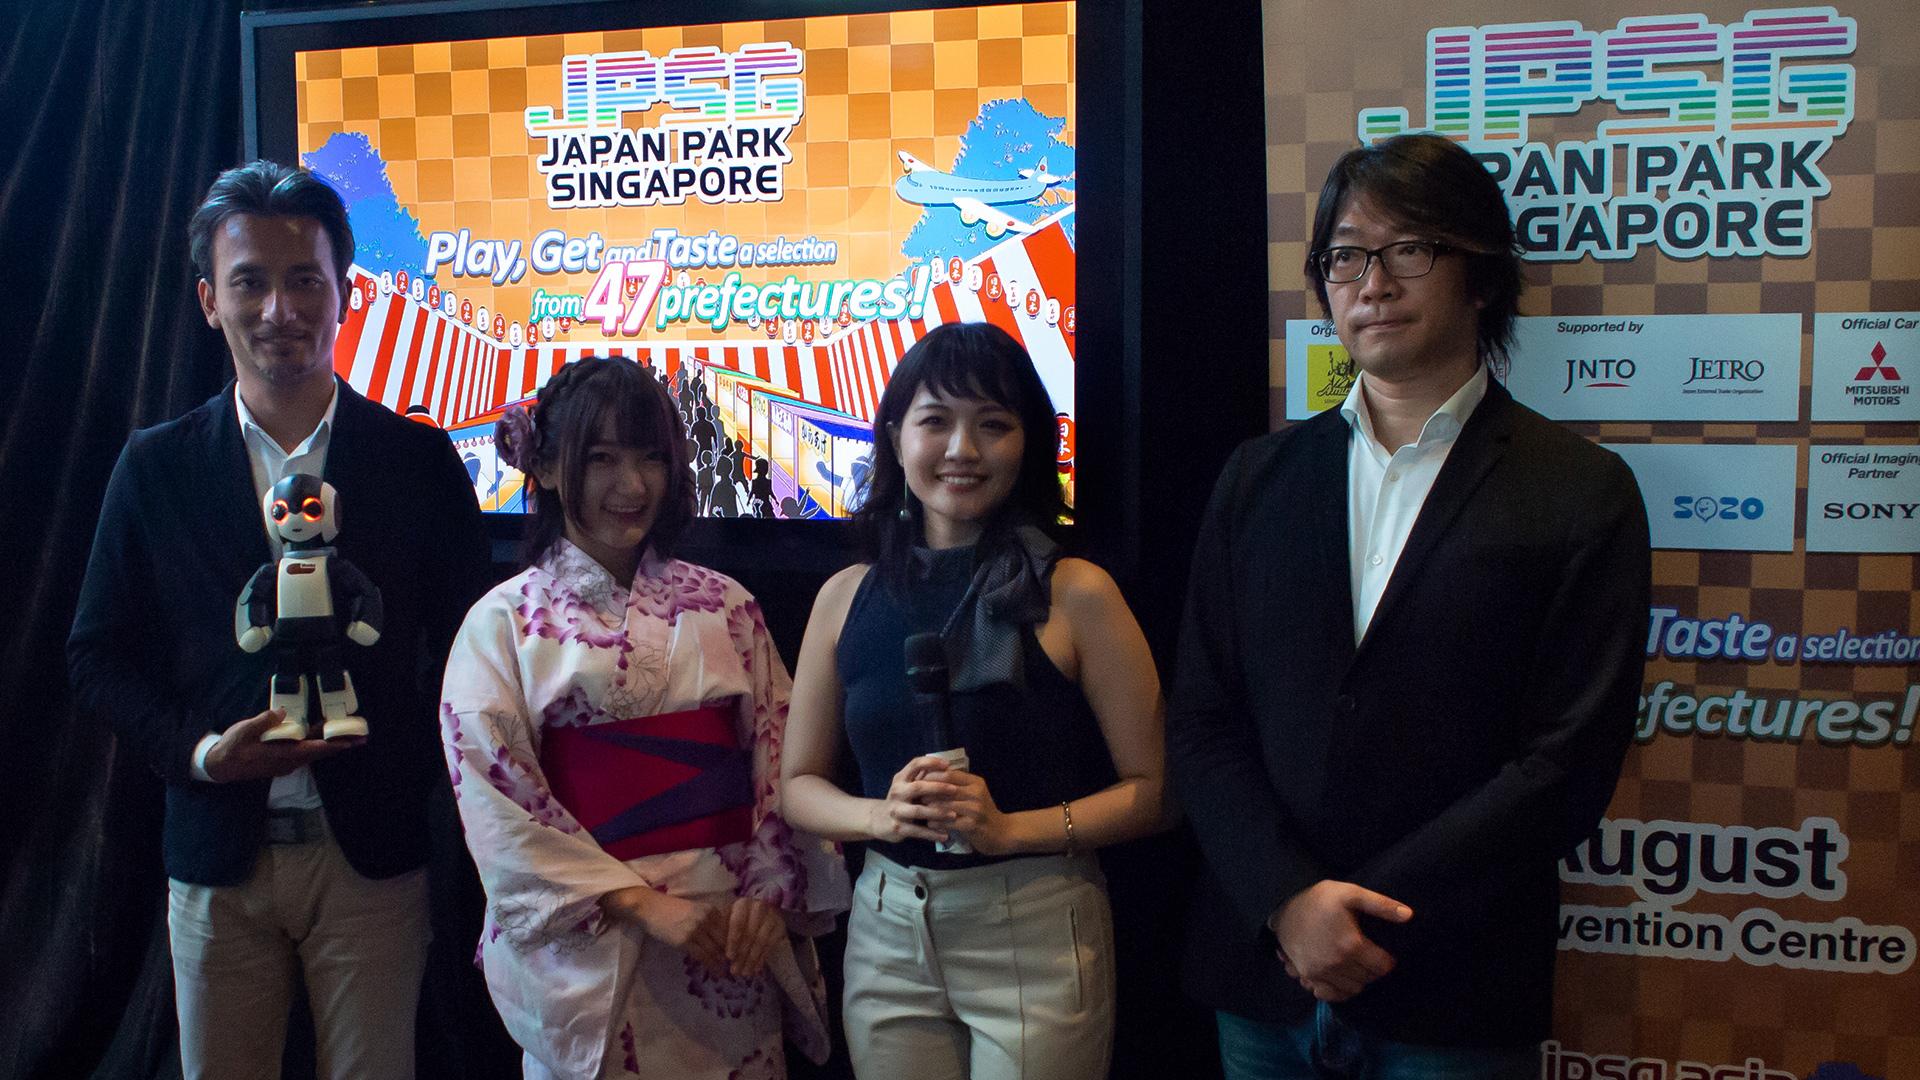 japan park singapore 2018 - press conference 01